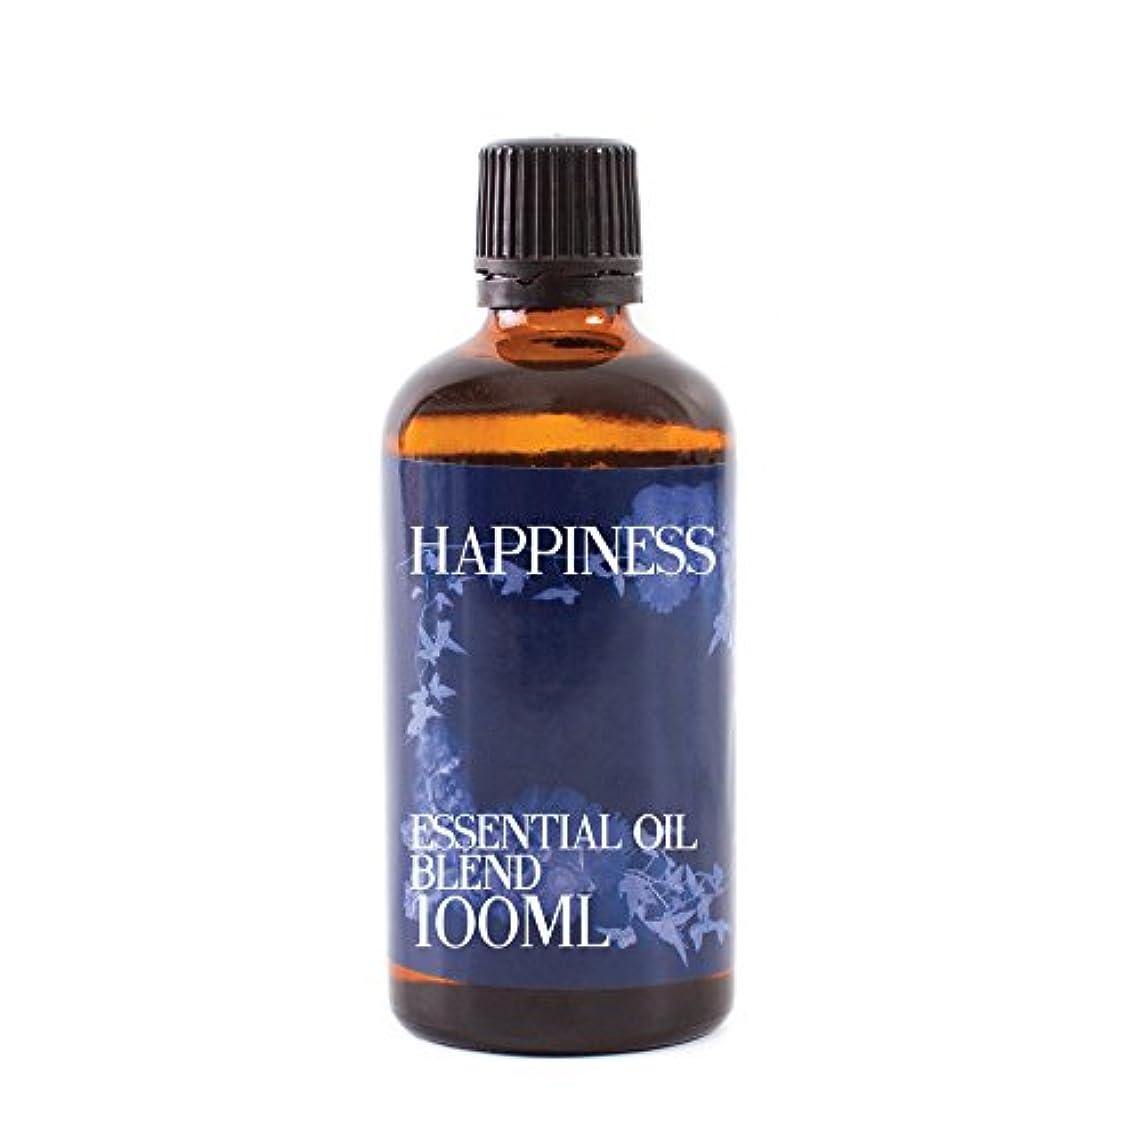 過激派石思いつくMystix London | Happiness Essential Oil Blend - 100ml - 100% Pure